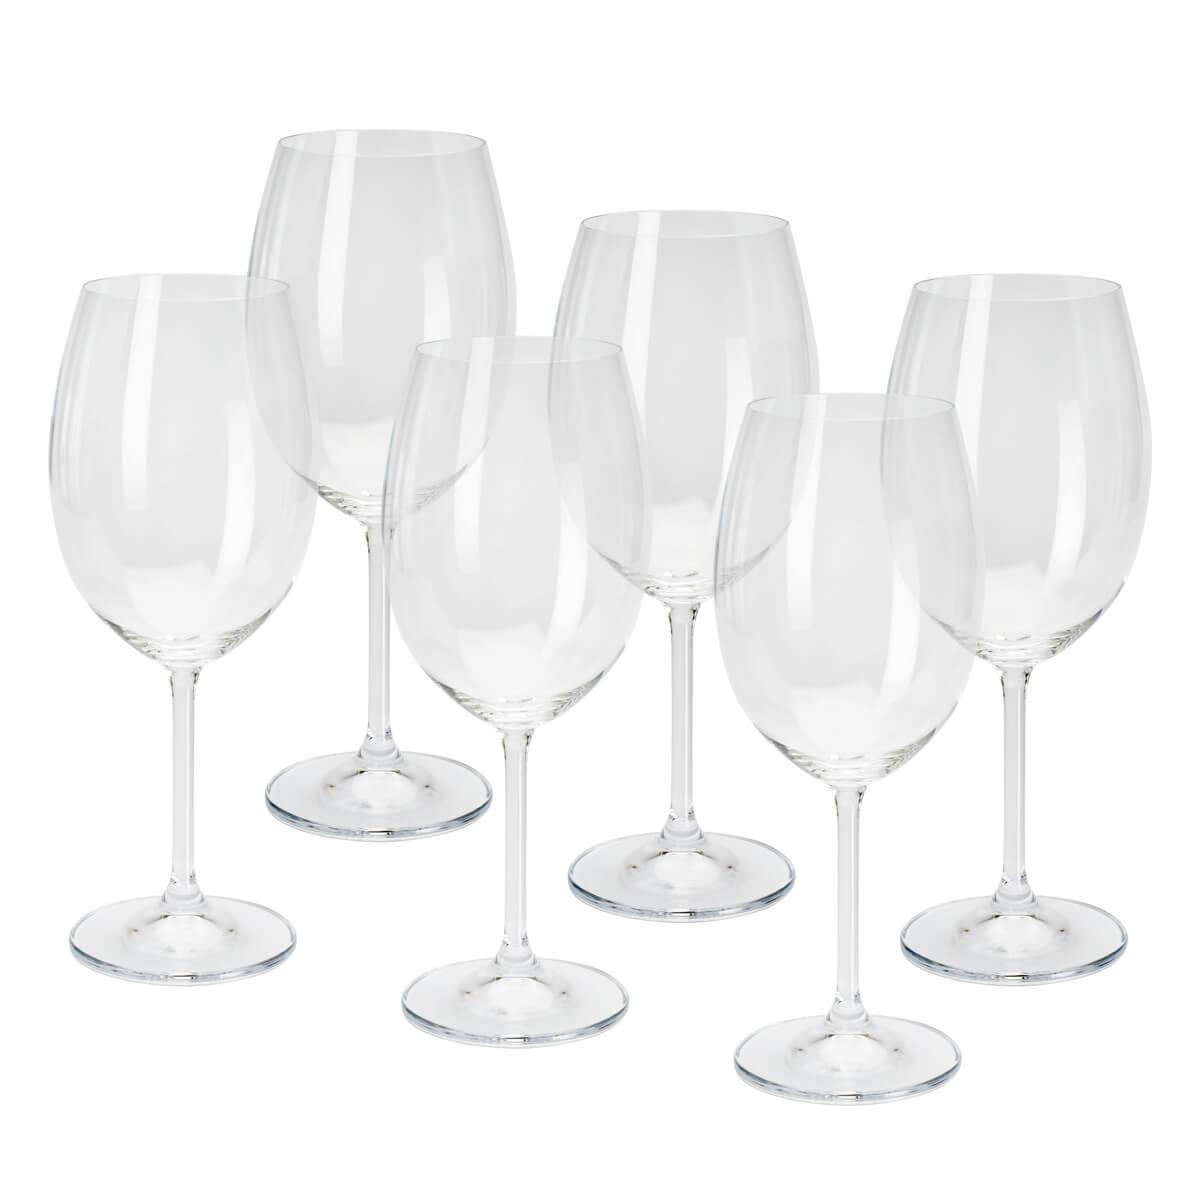 Jogo de 6 Taças para Vinho Tinto em Cristal Ecológico Bohemia Gastro/Colibri 450ml